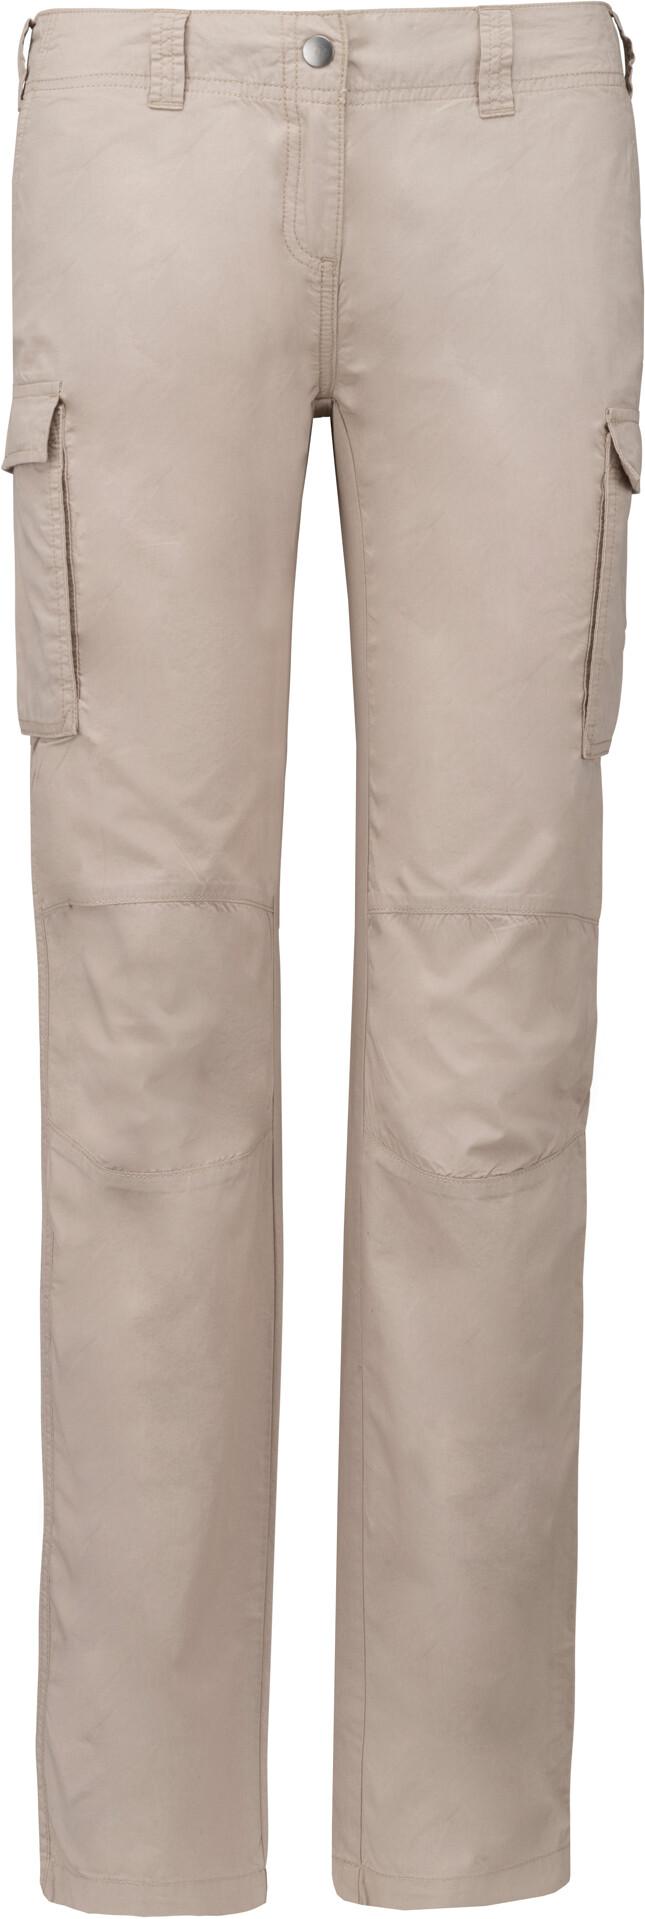 Dámské outdoorové kalhoty Kariban s cargo kapsami